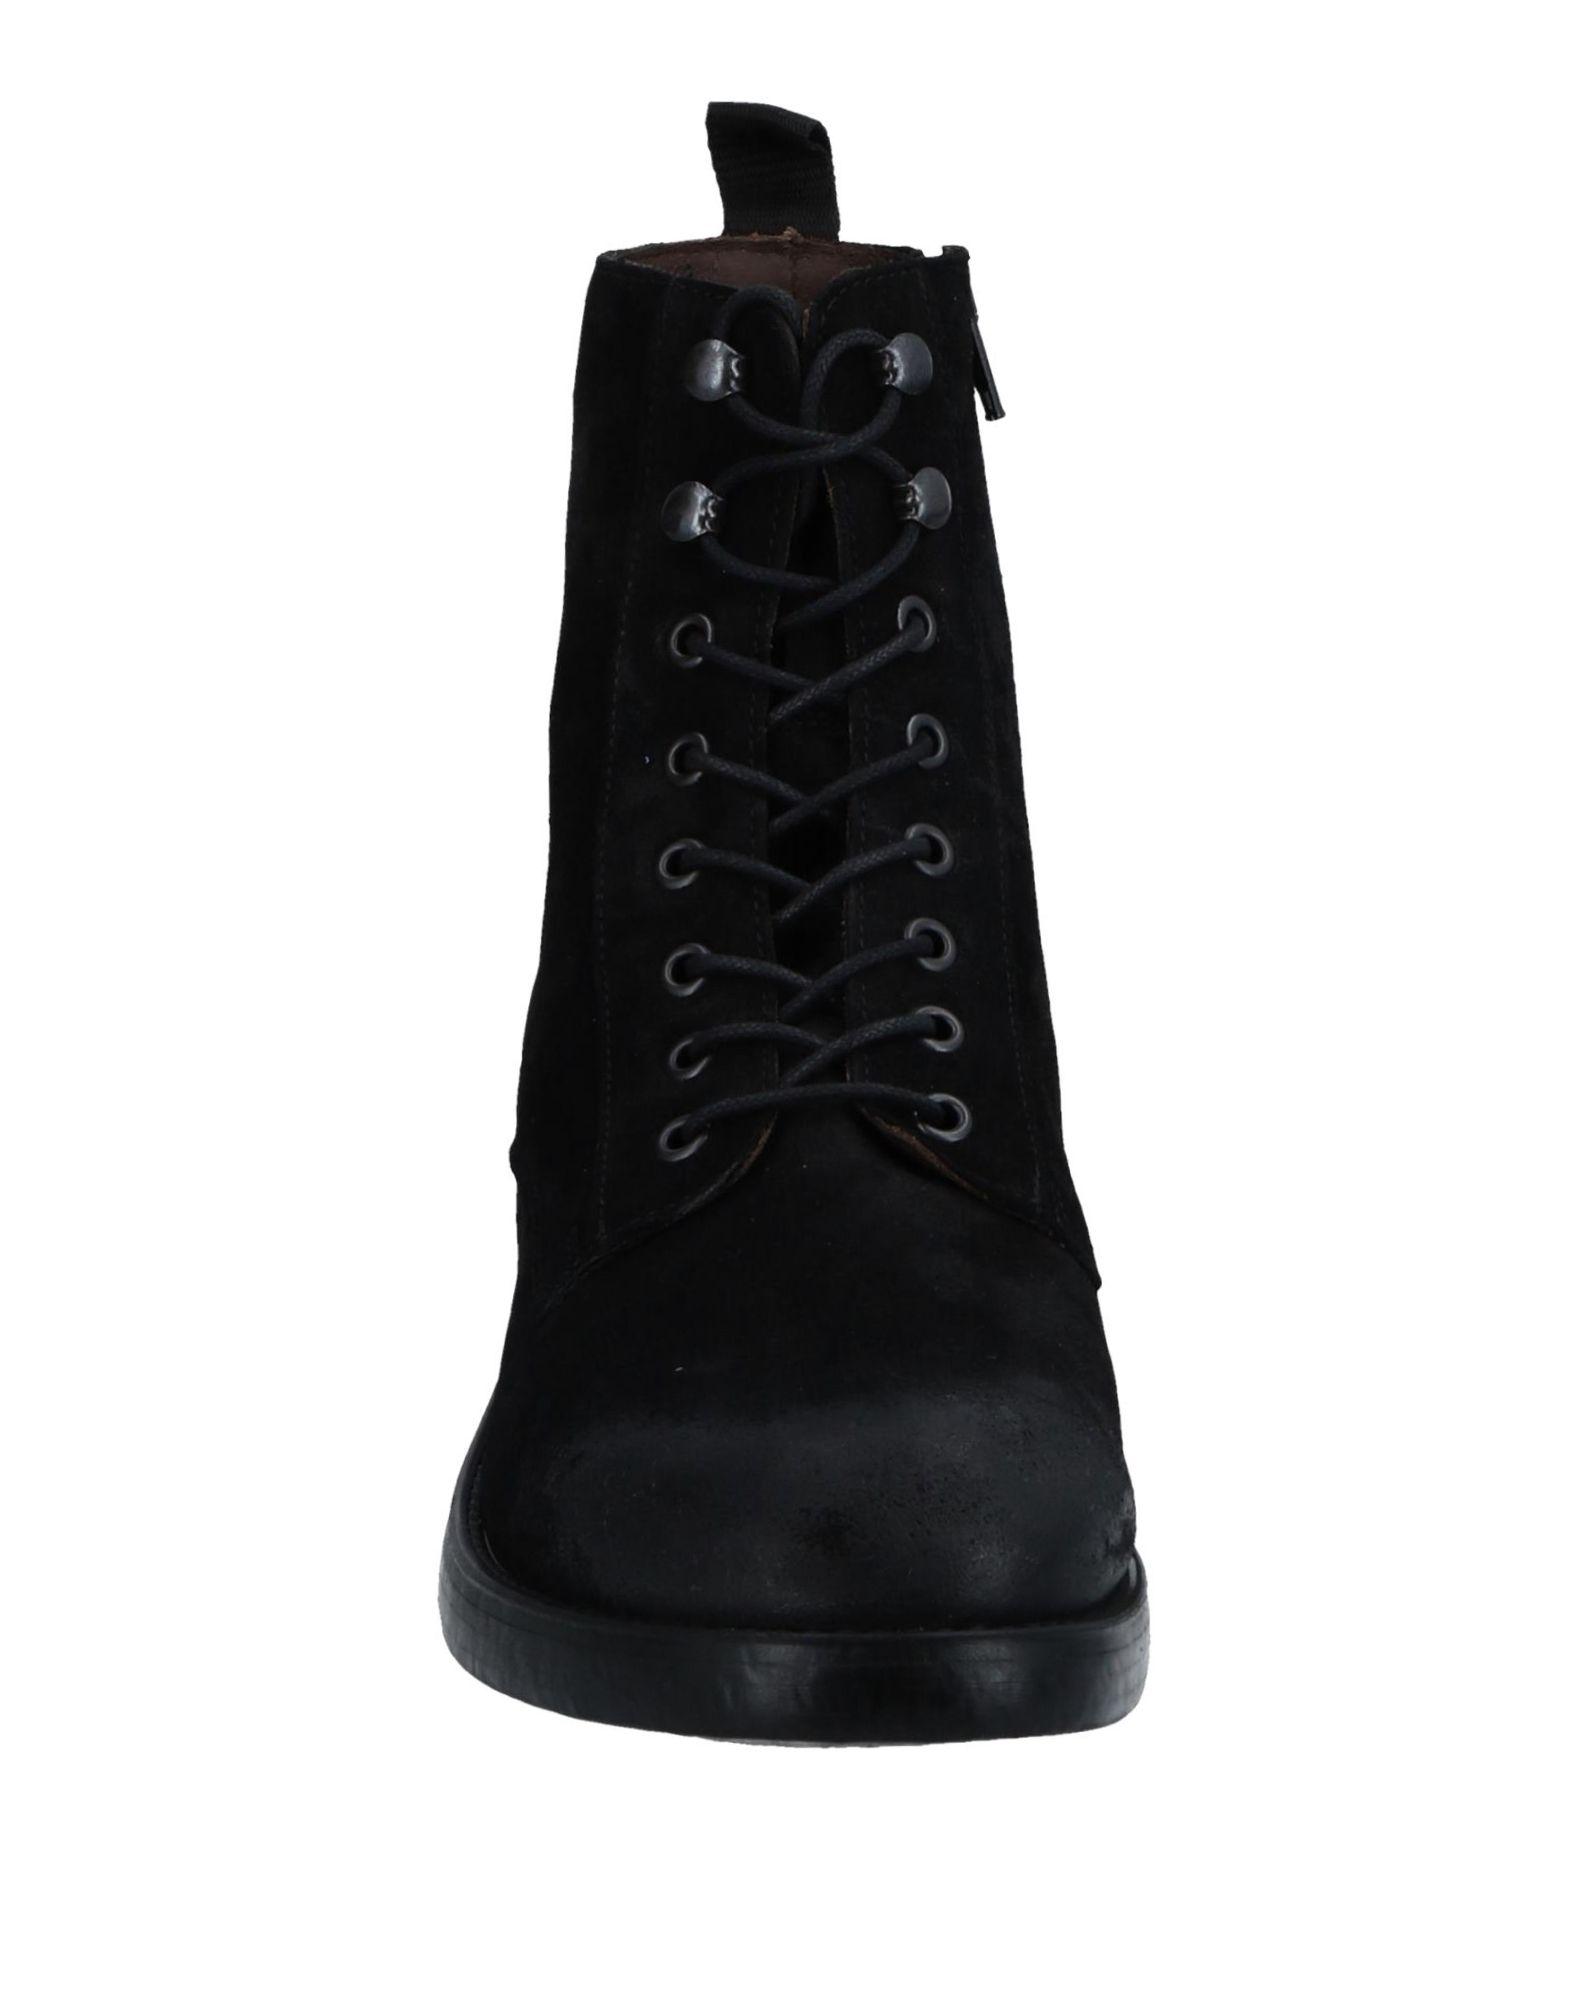 Rabatt  echte Schuhe Boemos Stiefelette Herren  Rabatt 11510837QG 995009